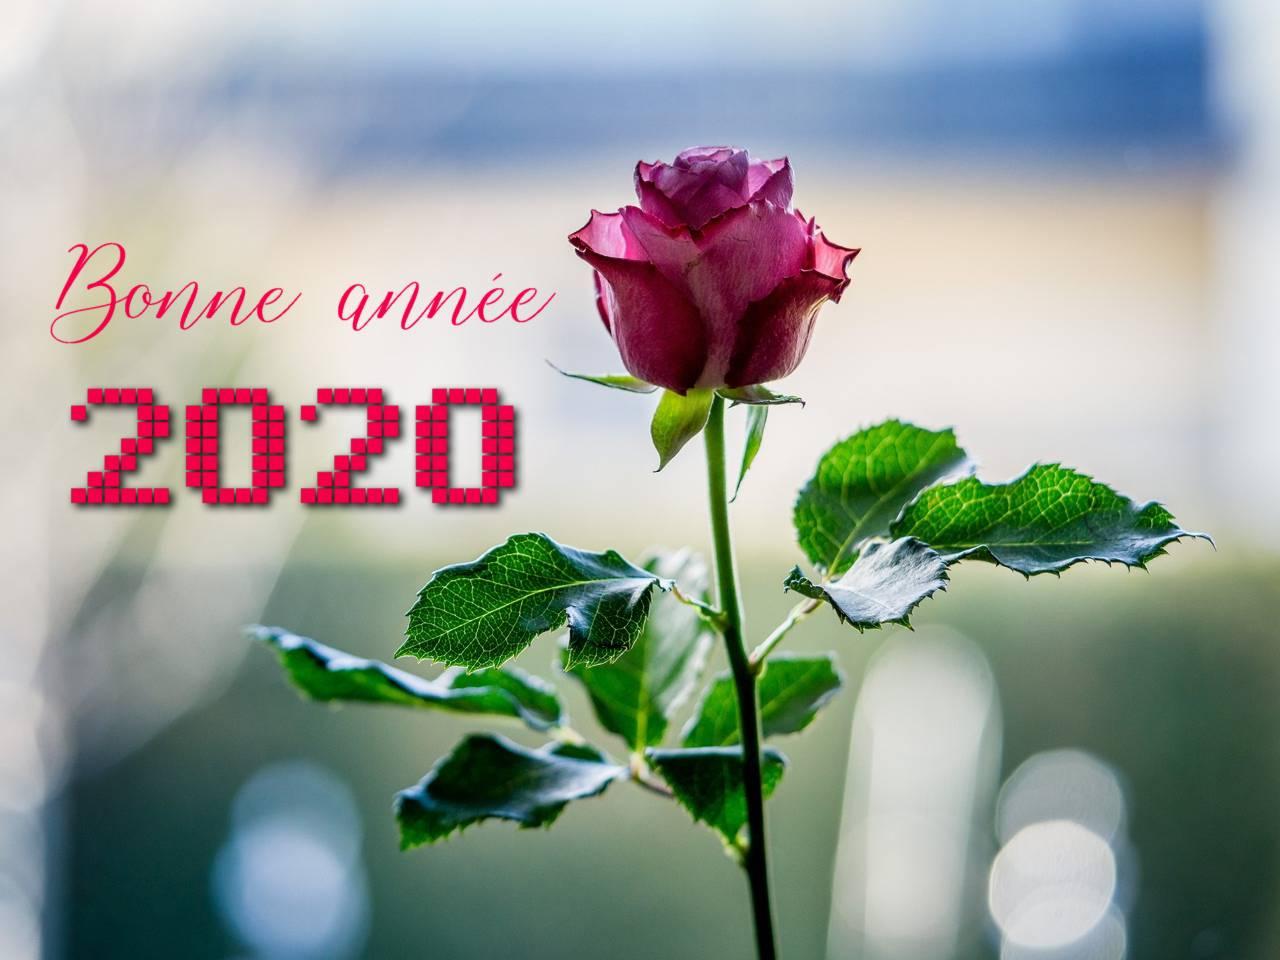 carte bonne année 2020 gratuite Cartes bonne année 2020 gratuites   Message d'amour